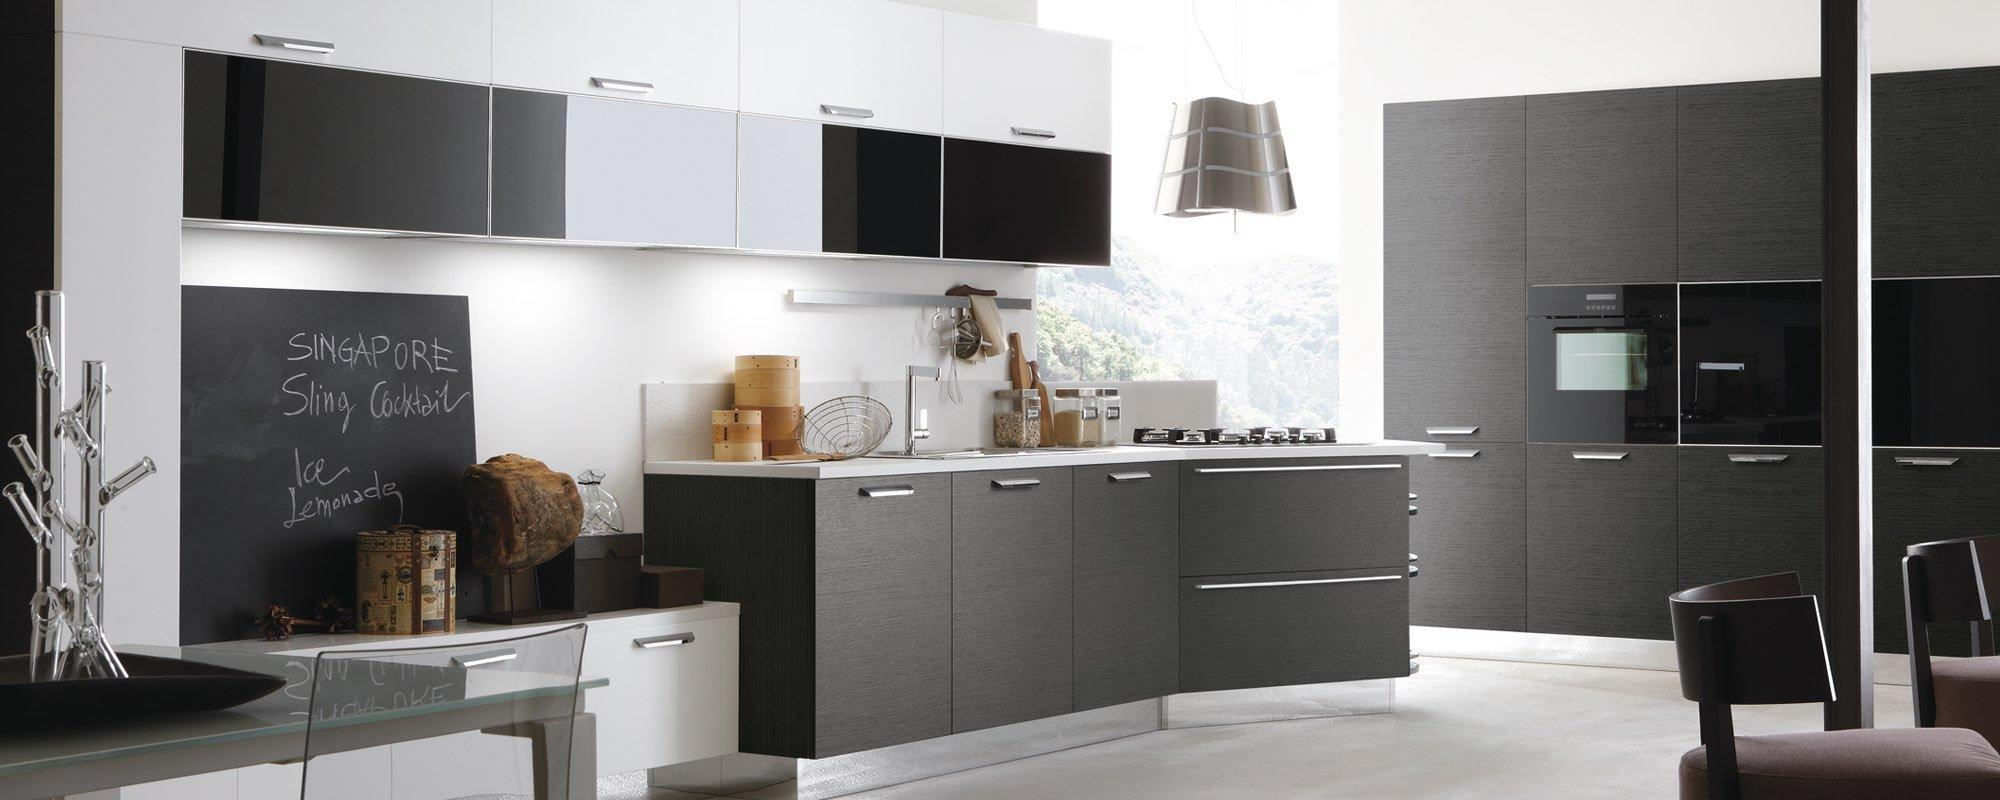 vista di laterale di una cucina moderna in legno laccata con poltrone e bancone grigio - LIFE